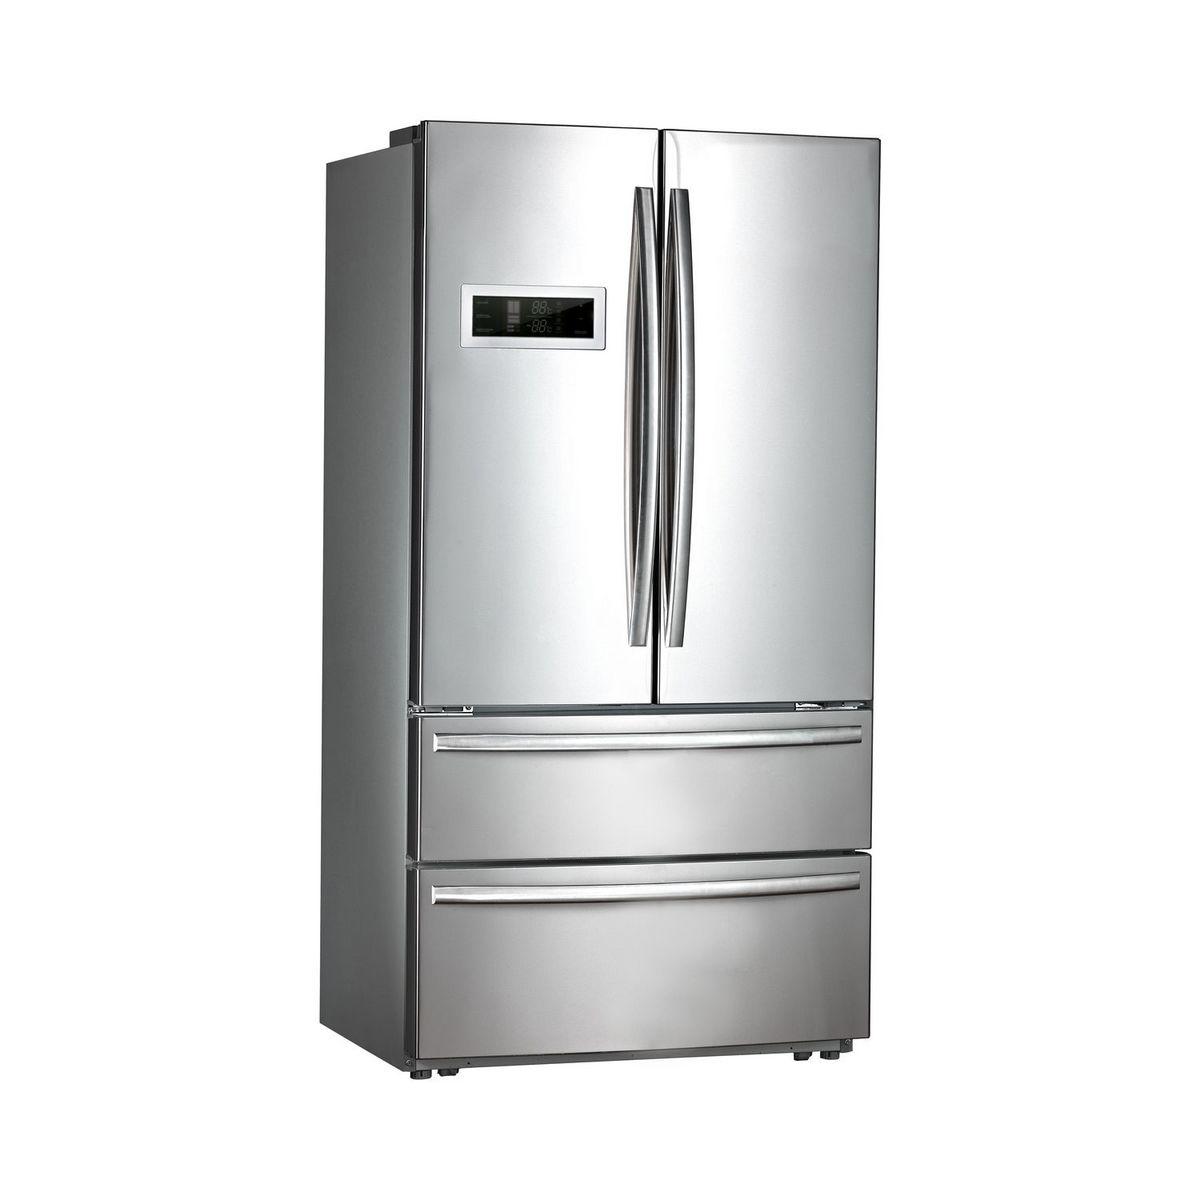 Réfrigérateur multi portes 155486, 540 L, Froid no frost